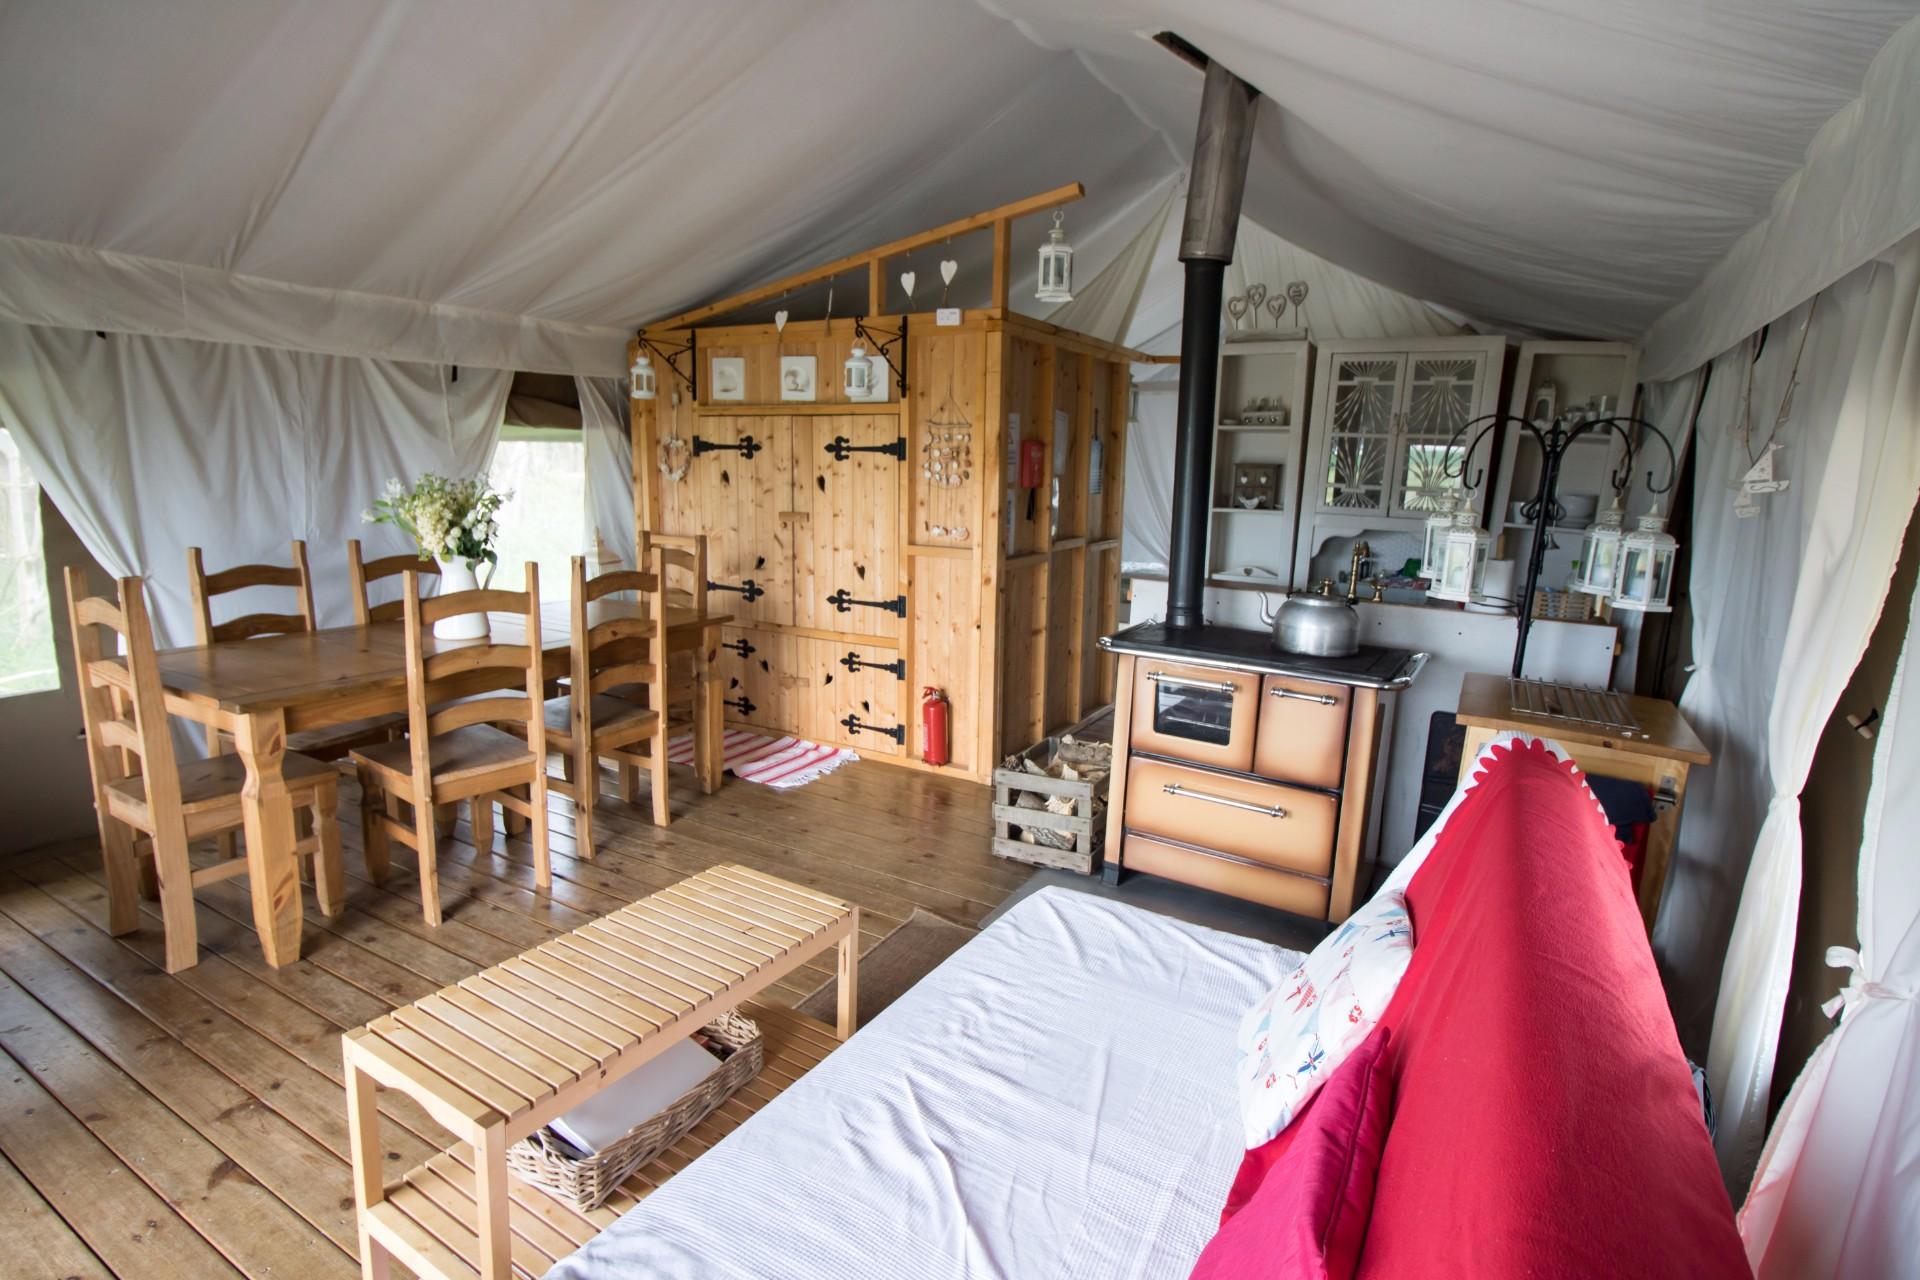 Sleeping in a Safari Tent at Harvest Moon Holidays | Faraway